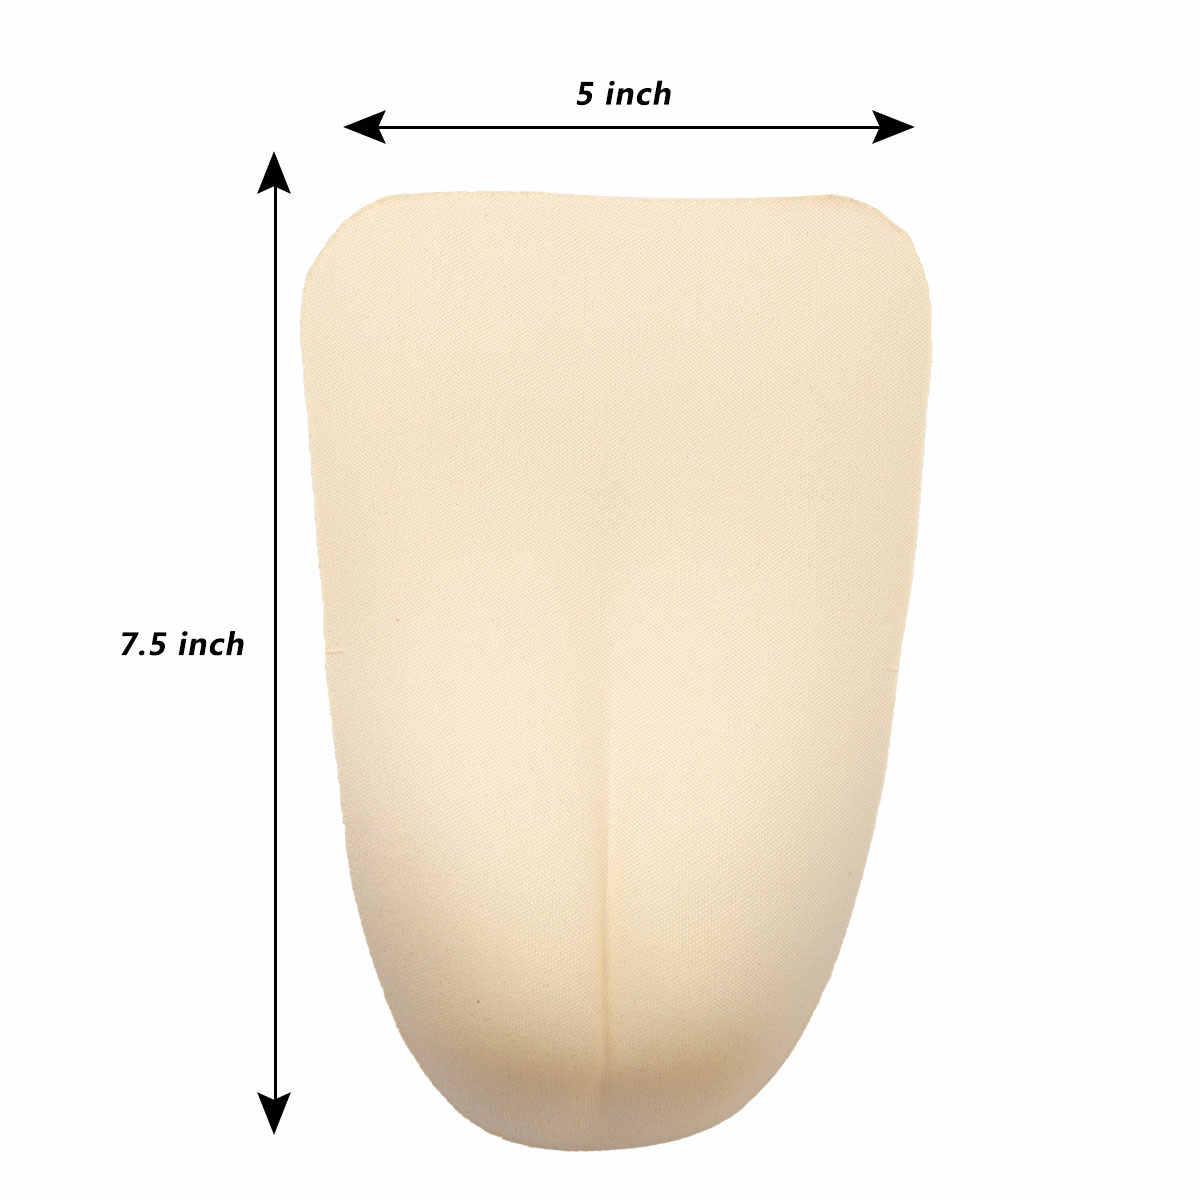 ملابس داخلية للرجال من TiaoBug ملابس تحتية للمتحولين جنسيا خفيفة ناعمة من الأمام ملابس تحتية مثيرة للرجال ملابس تحتية بتشكيل قابل للإزالة من الداخل